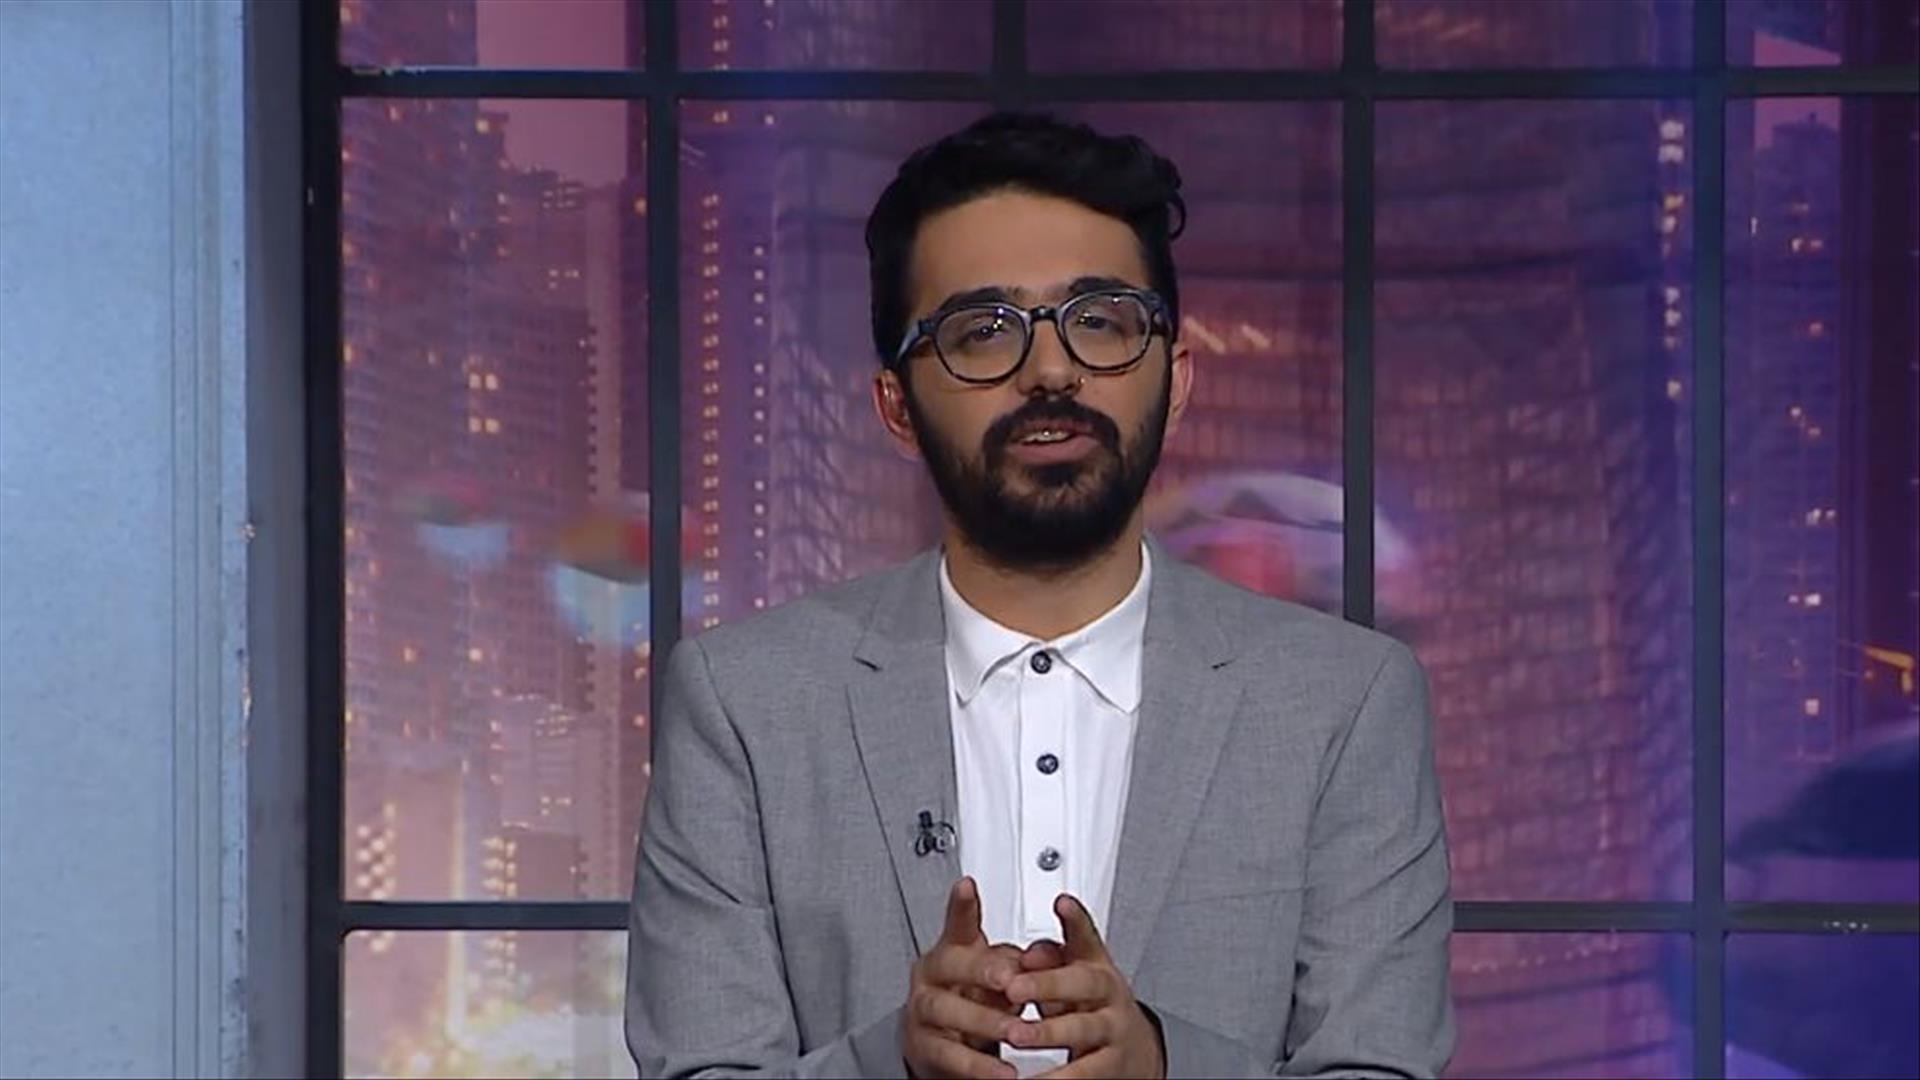 פעם בשבוע עם תם אהרון - עונה 2   פרק 12